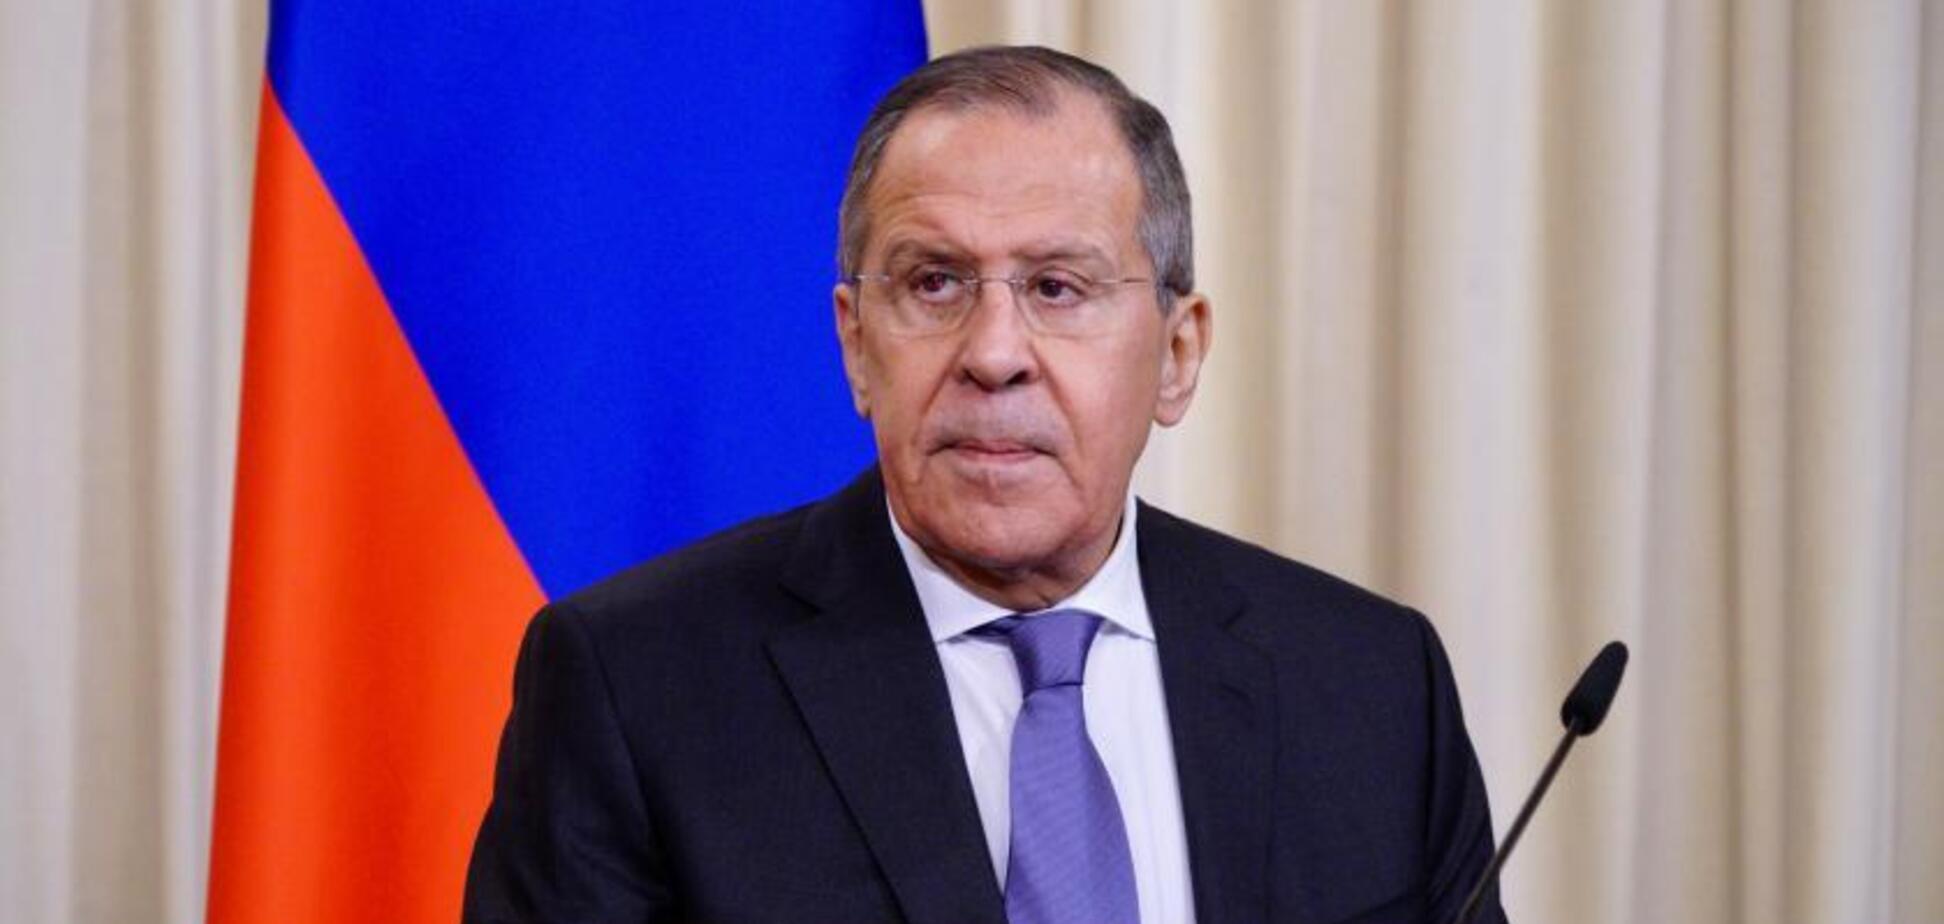 Лавров считает миротворцев 'оккупантами'